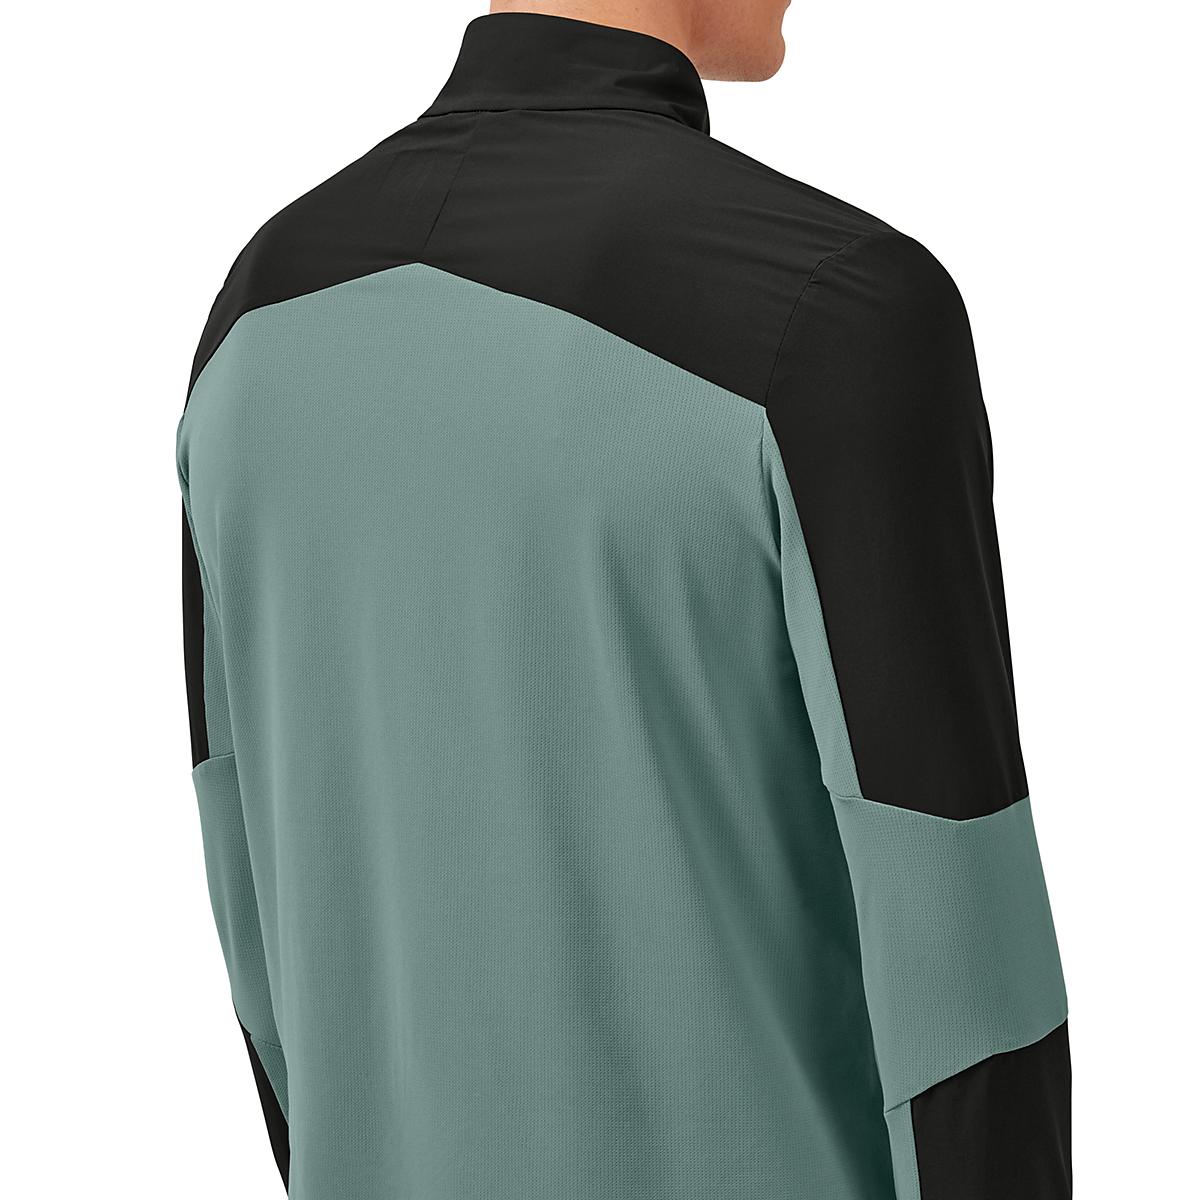 Men's On Trail Breaker Long Sleeve Quarter Zip Pullover - Color: Black/Olive - Size: XS, Black/Olive, large, image 2